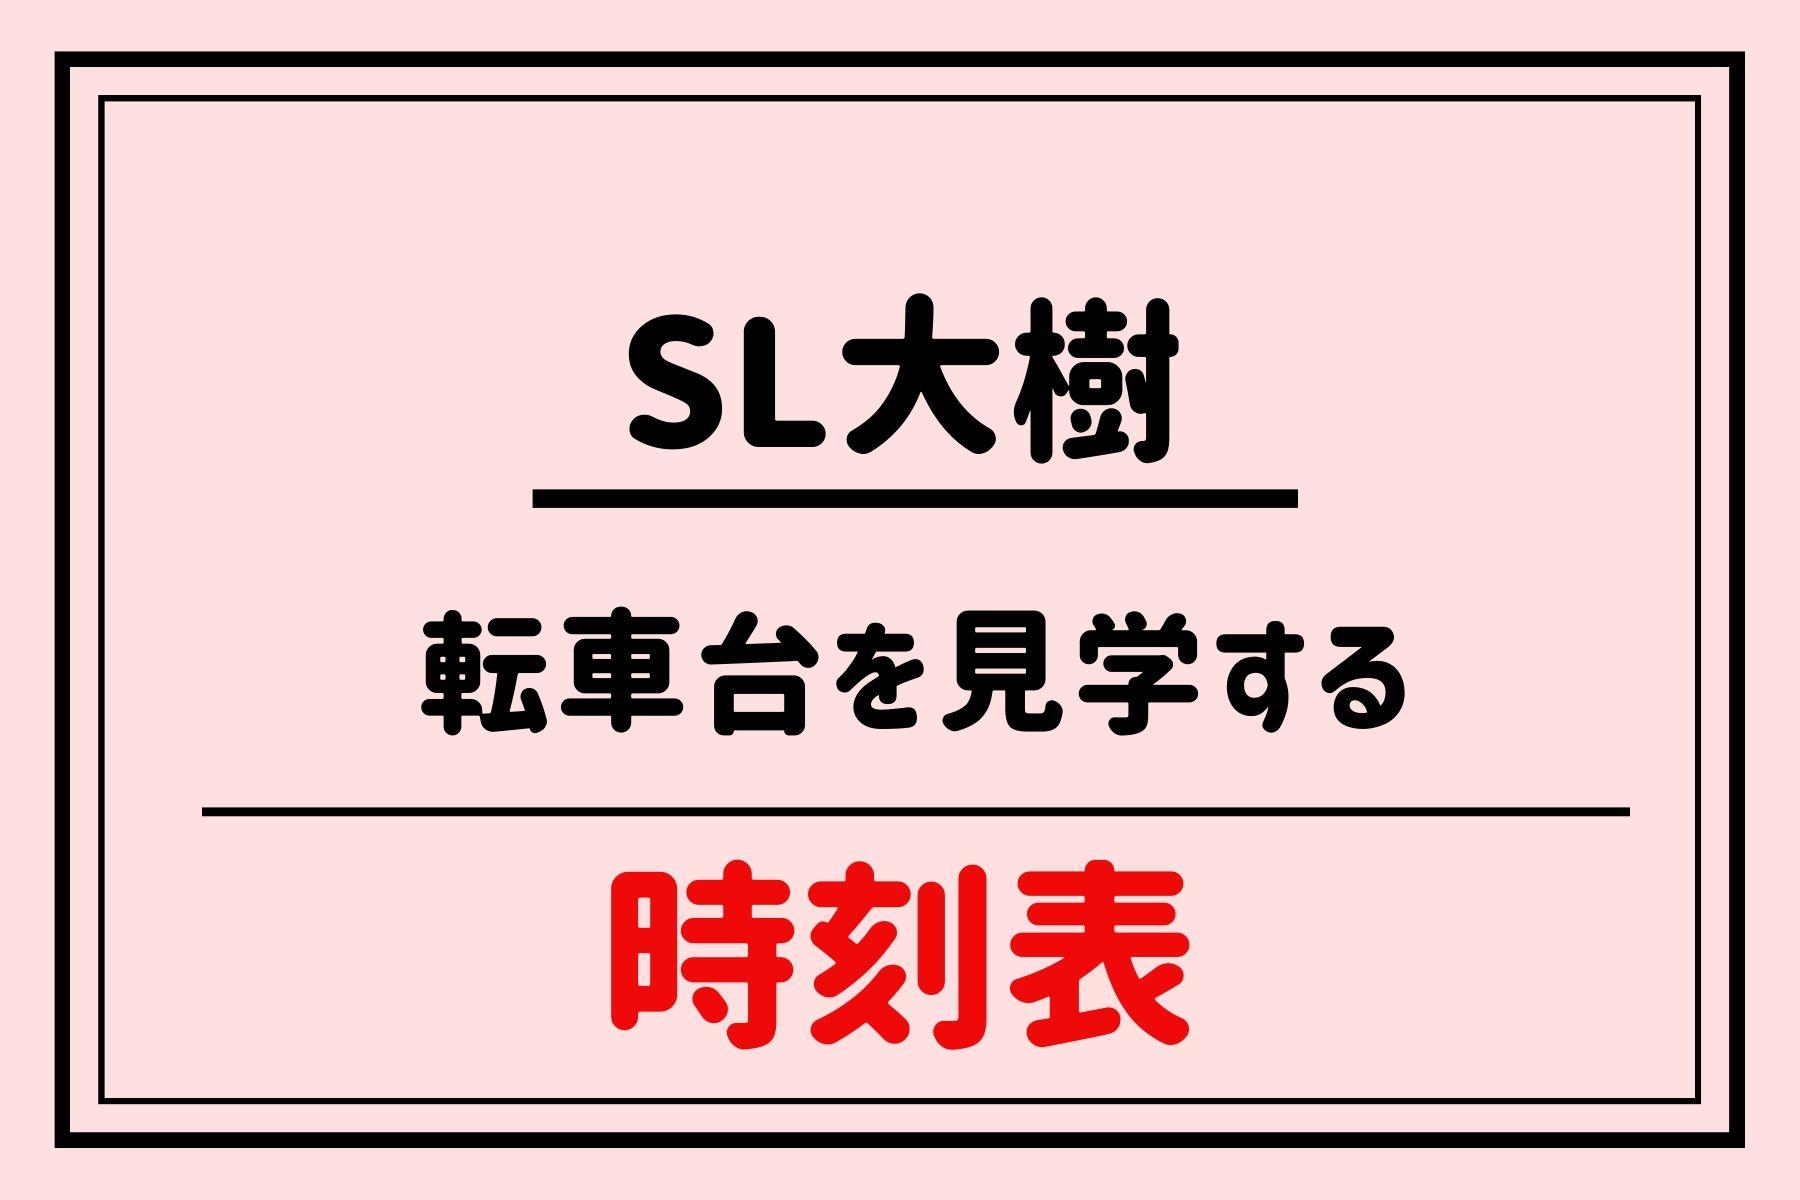 鬼怒川 温泉 駅 時刻 表